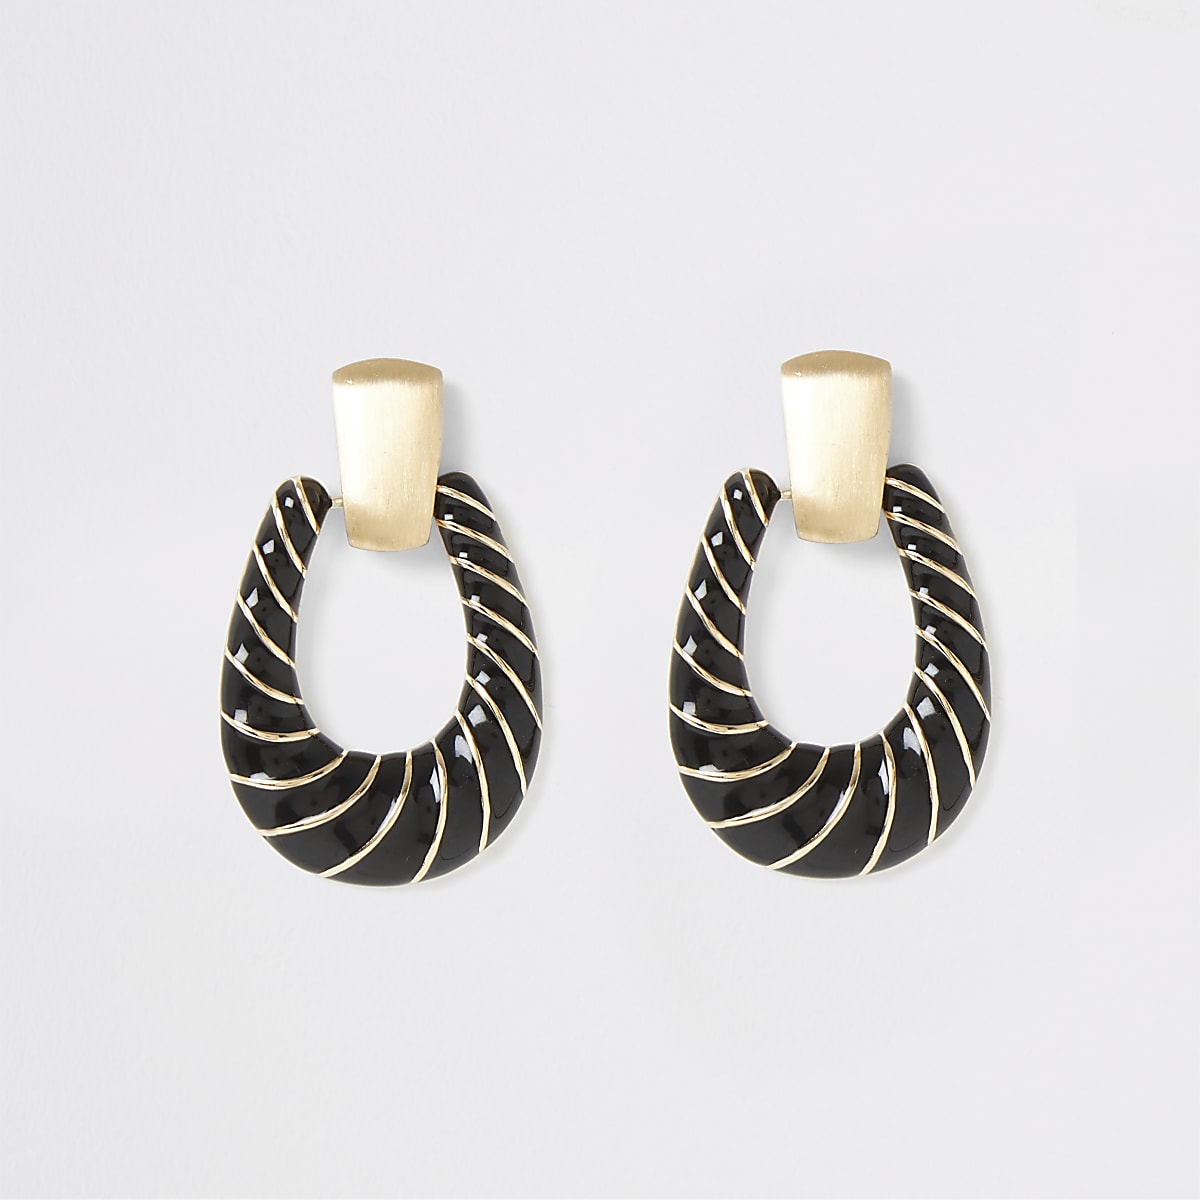 Gold color black twist doorknocker earrings